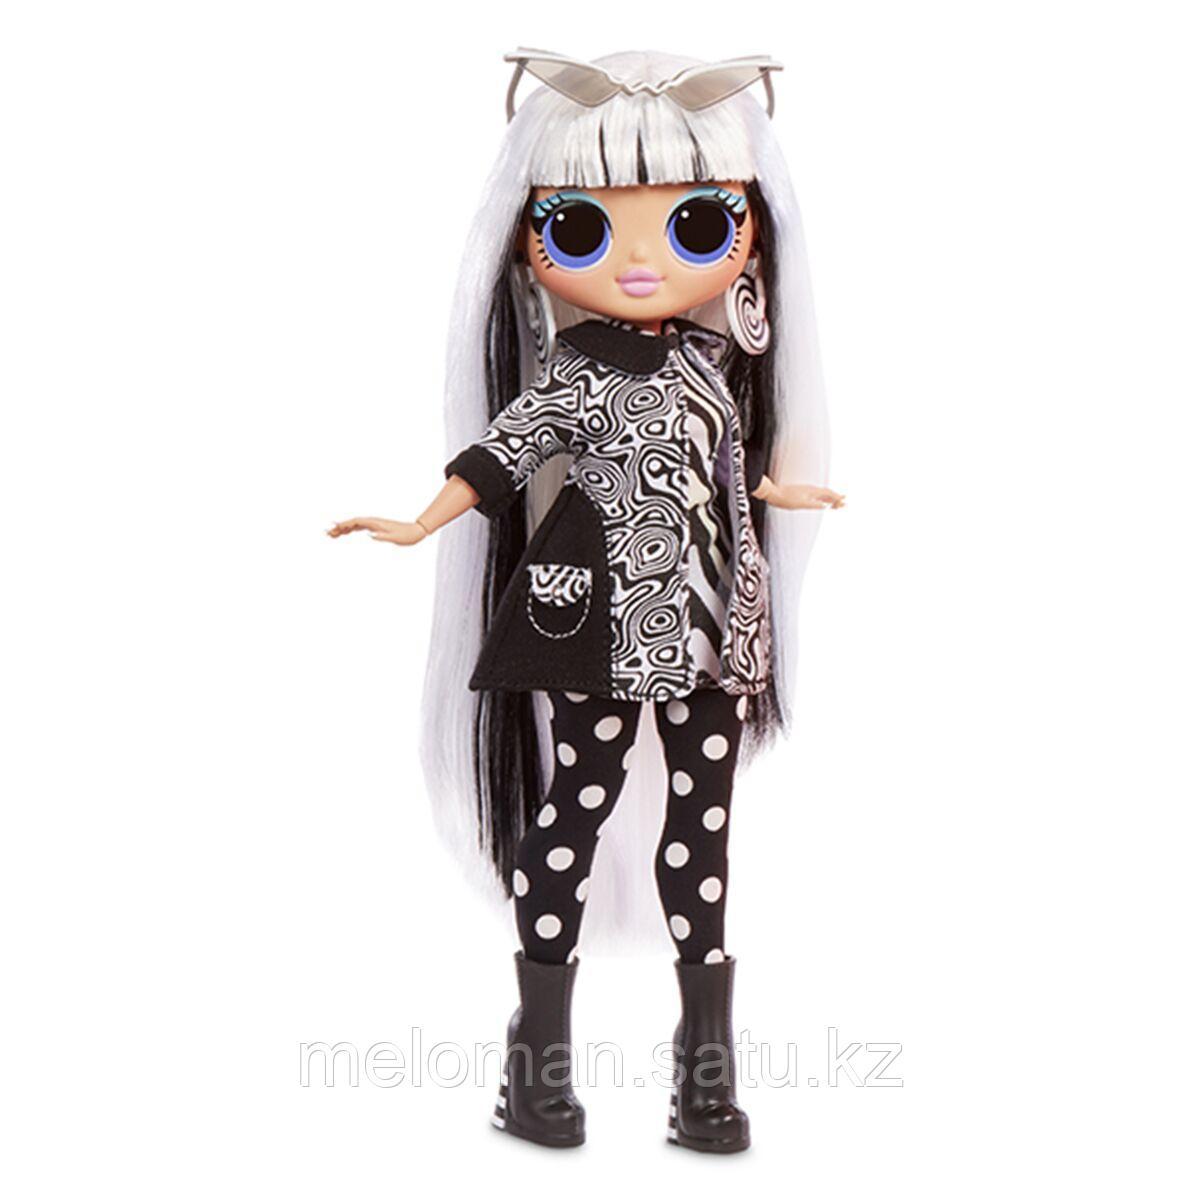 L.O.L.: Кукла OMG серия Неон Groovy Babe - фото 1